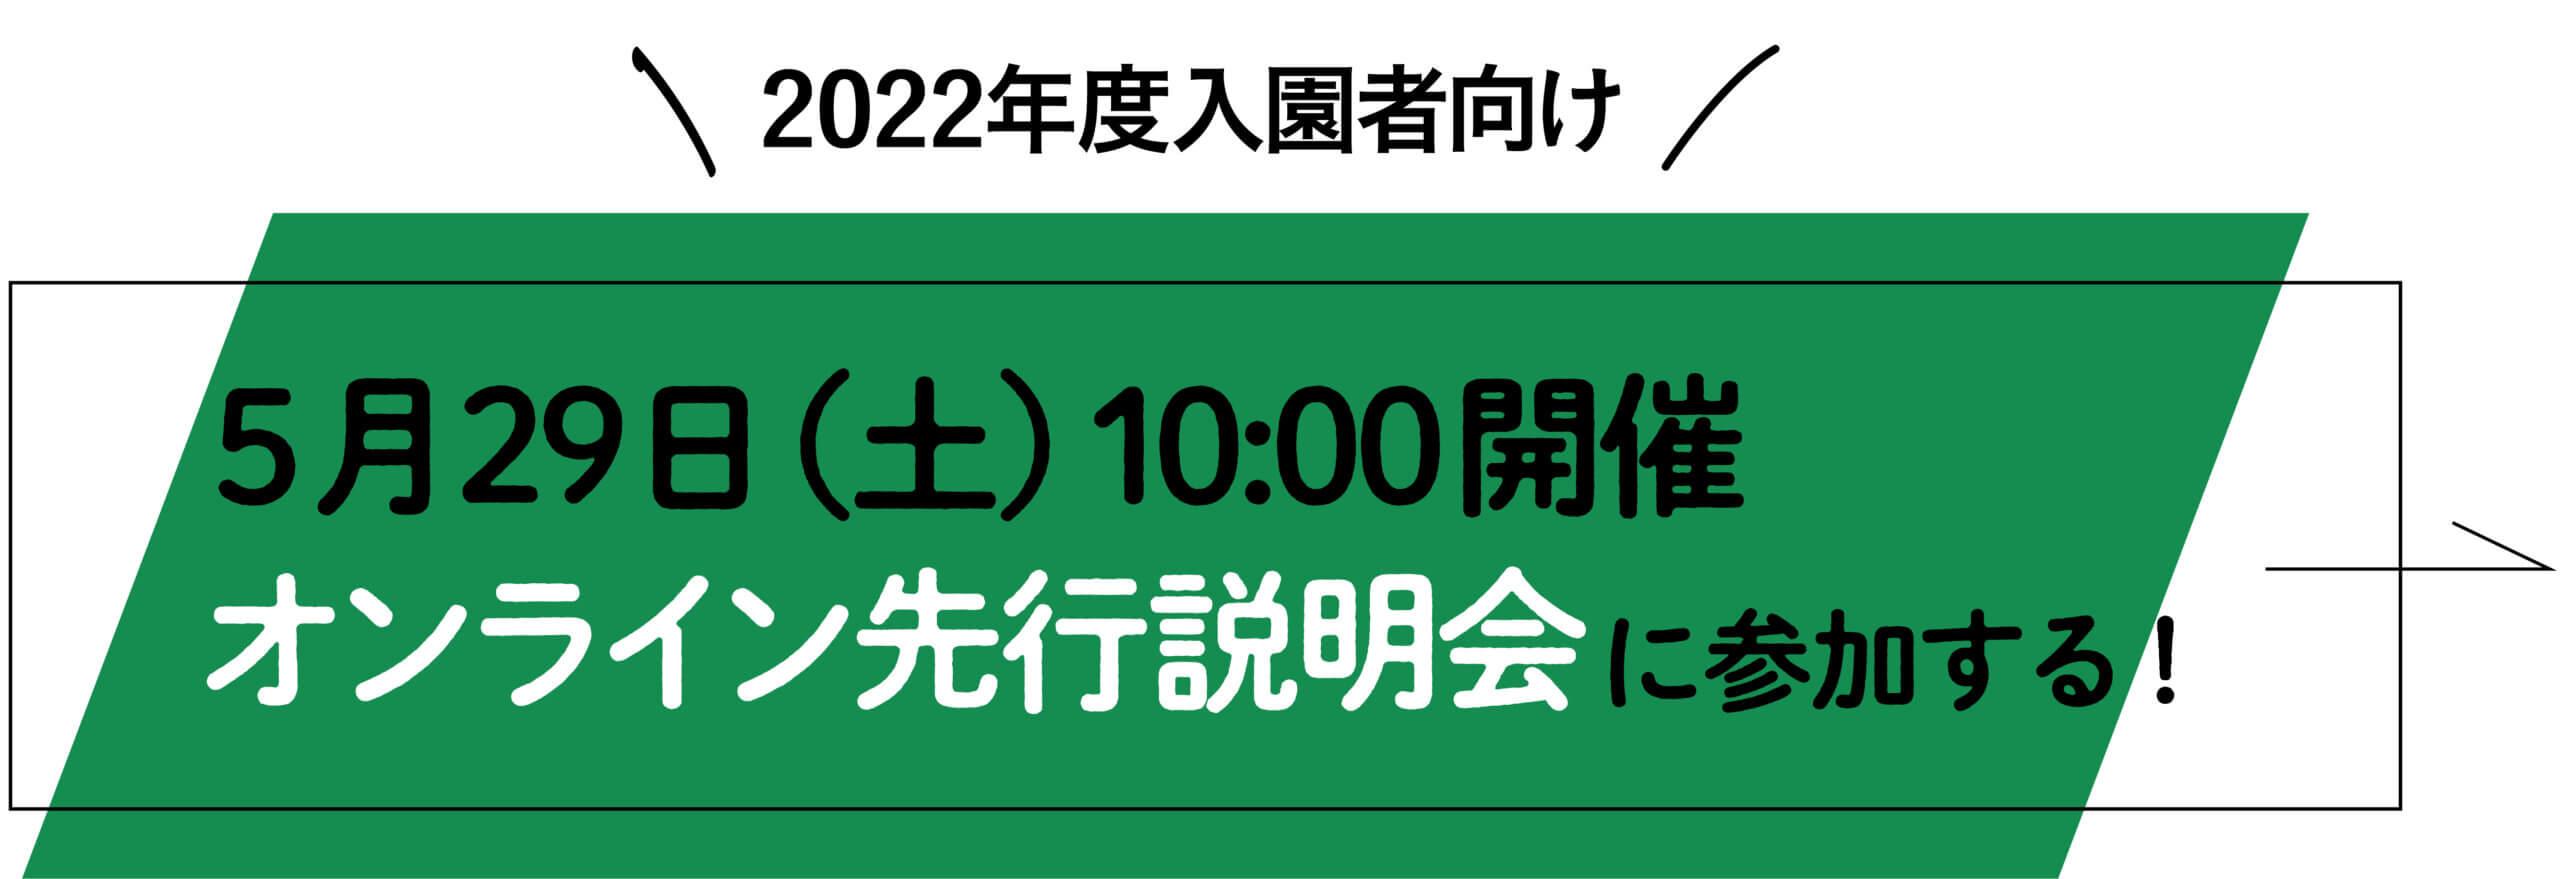 \2022年度入園者向け/ 「オンライン先行説明会」に参加する!